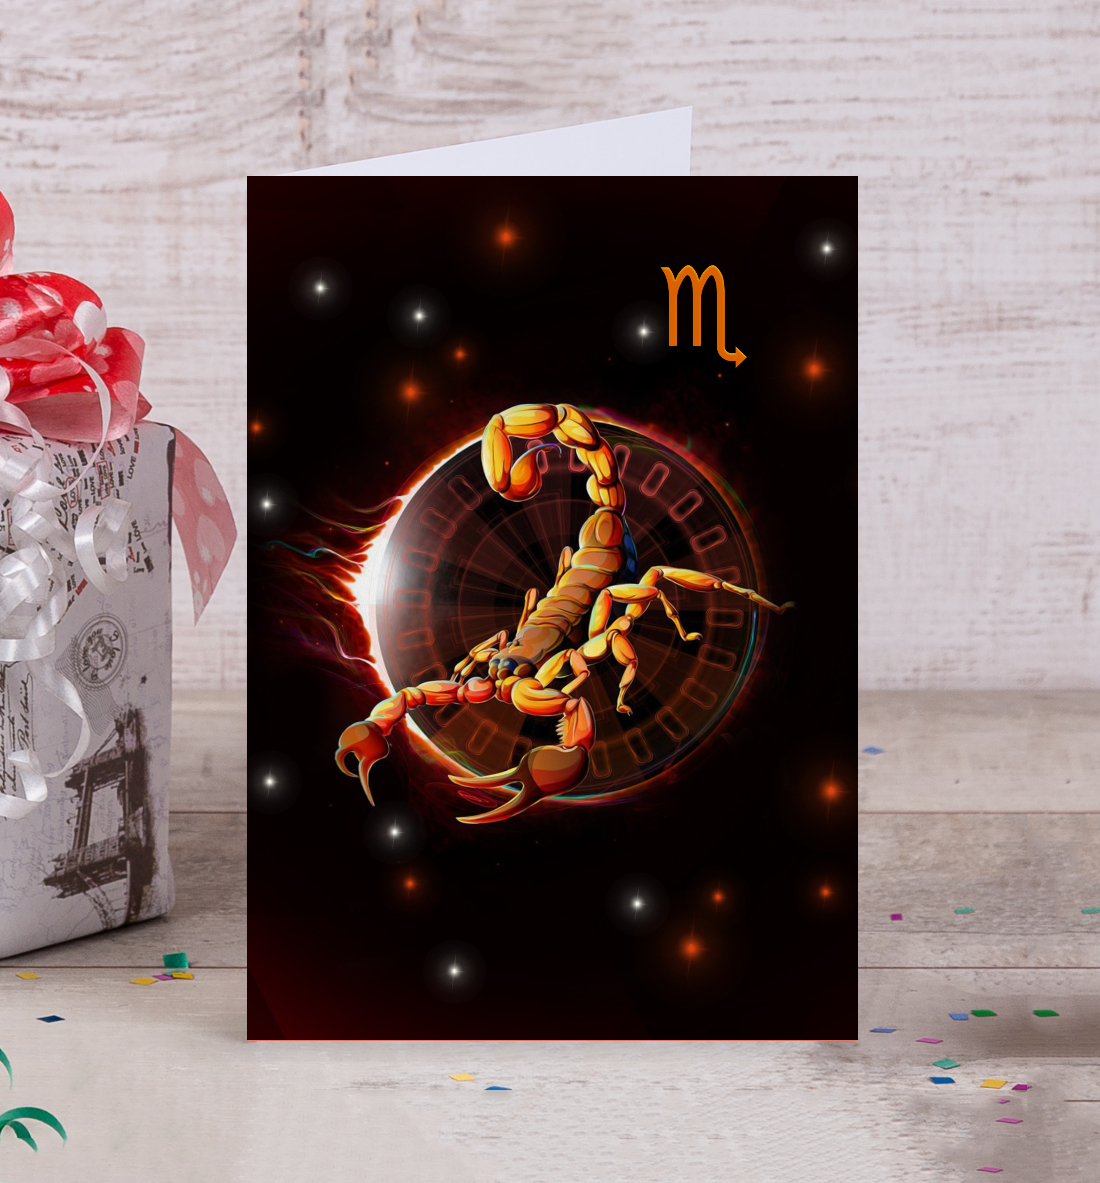 Скорпион открытки флеш